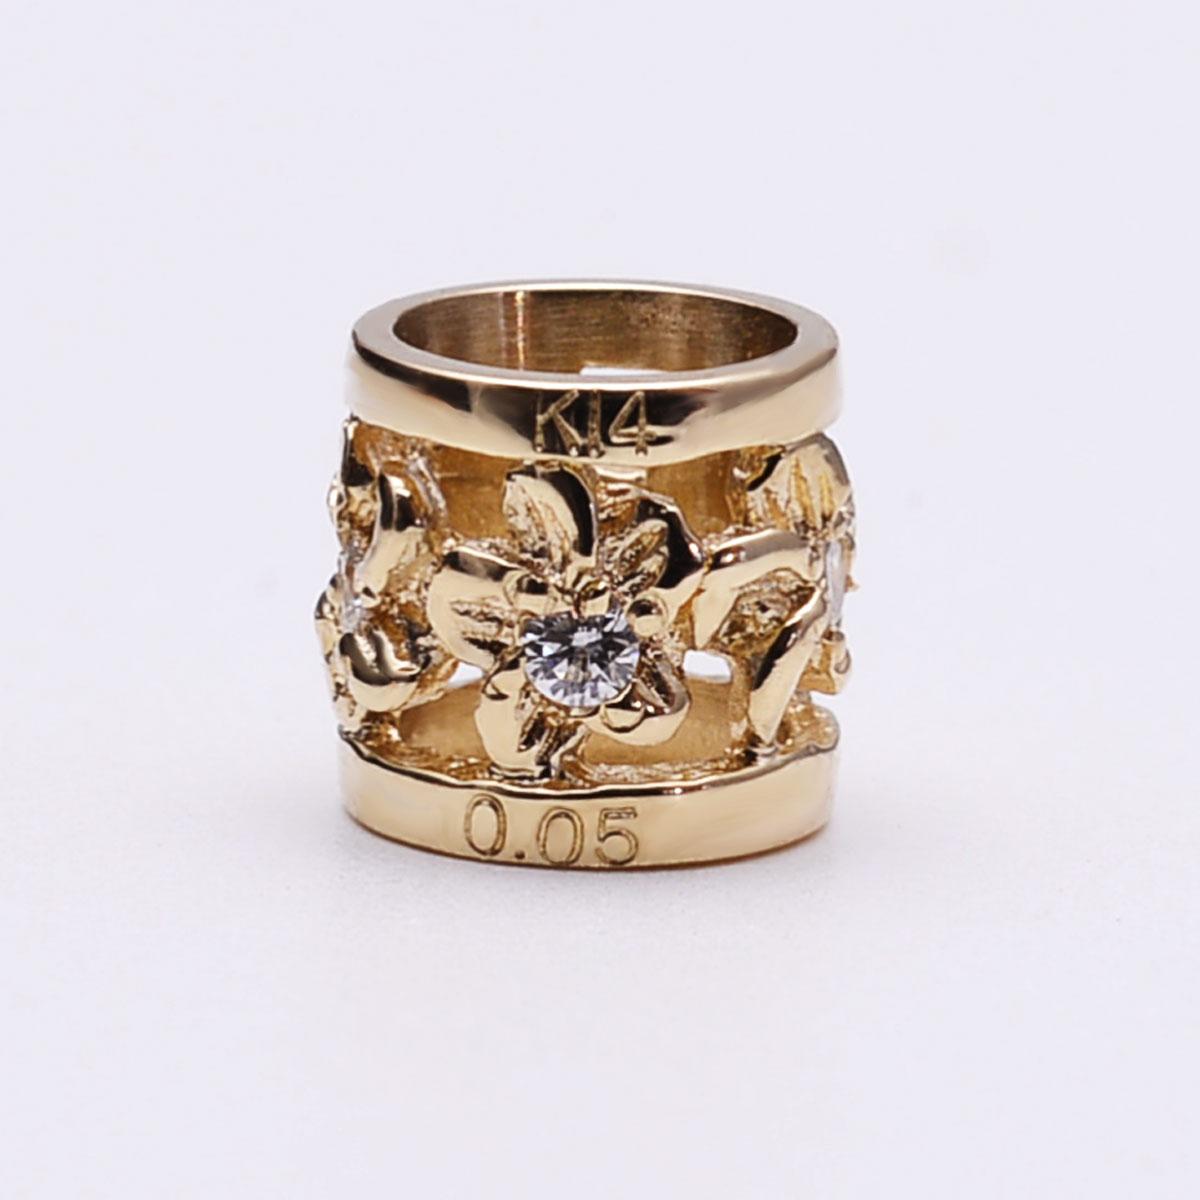 ハワイアンジュエリー ネックレス ダイヤモンドプチバレル・K14 ホワイトゴールドペンダント apdo6498apd0062ad